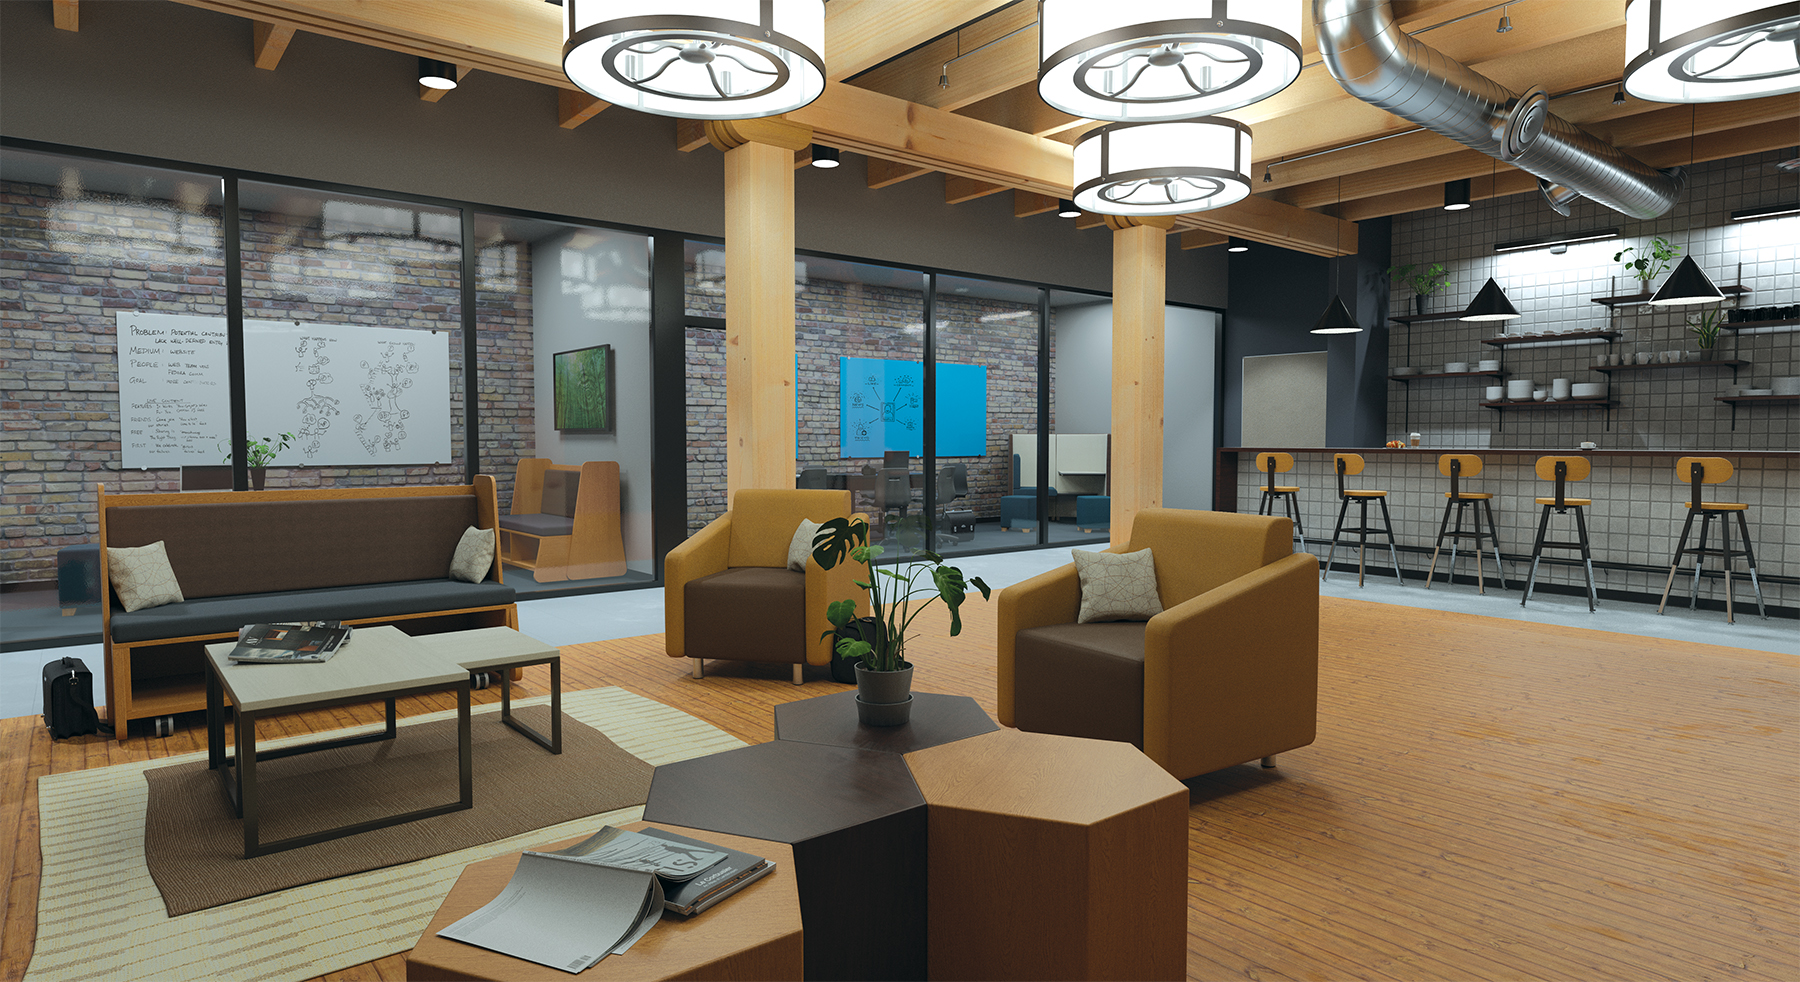 VNA ReWork Office Lounge Area 07-18-18